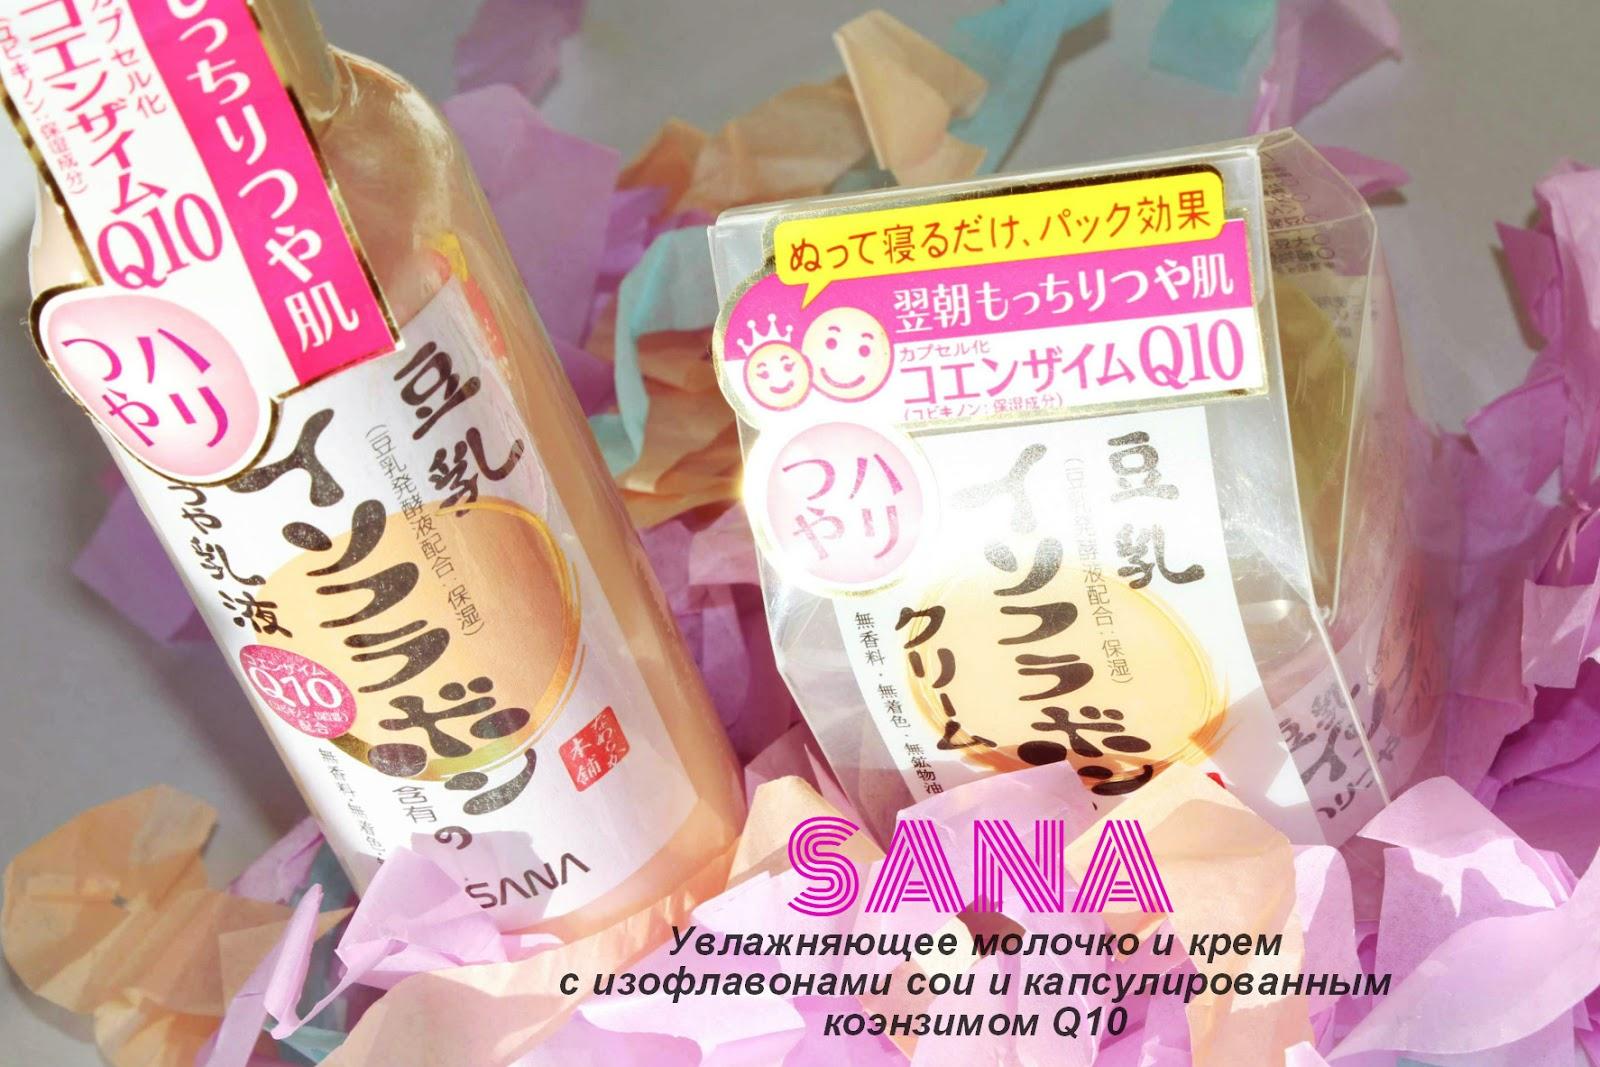 Отзыв: SANA Японская косметика с изофлавонами сои и капсулированным коэнзимом Q10. Питательное молочко и увлажняющий крем.